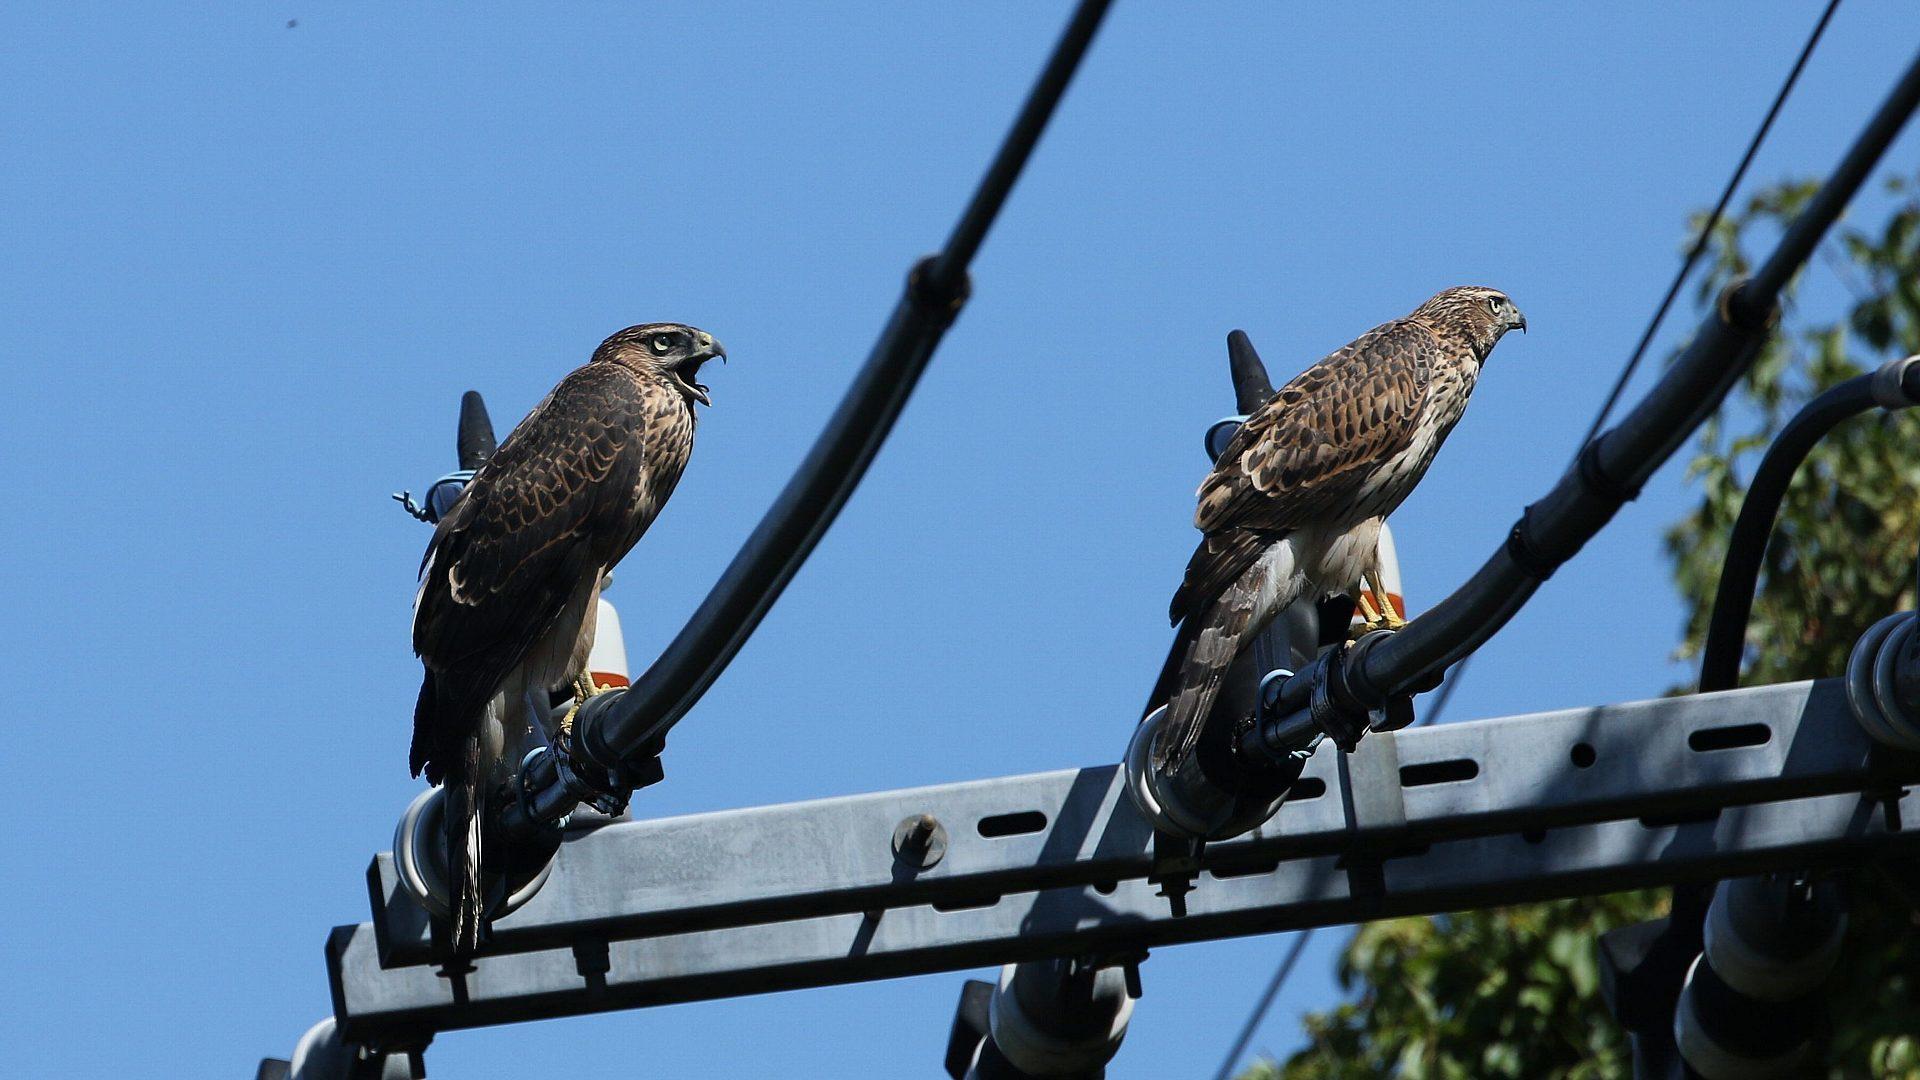 都会のオオタカ兄弟は子供の時から電線が好き?_f0105570_21320128.jpg